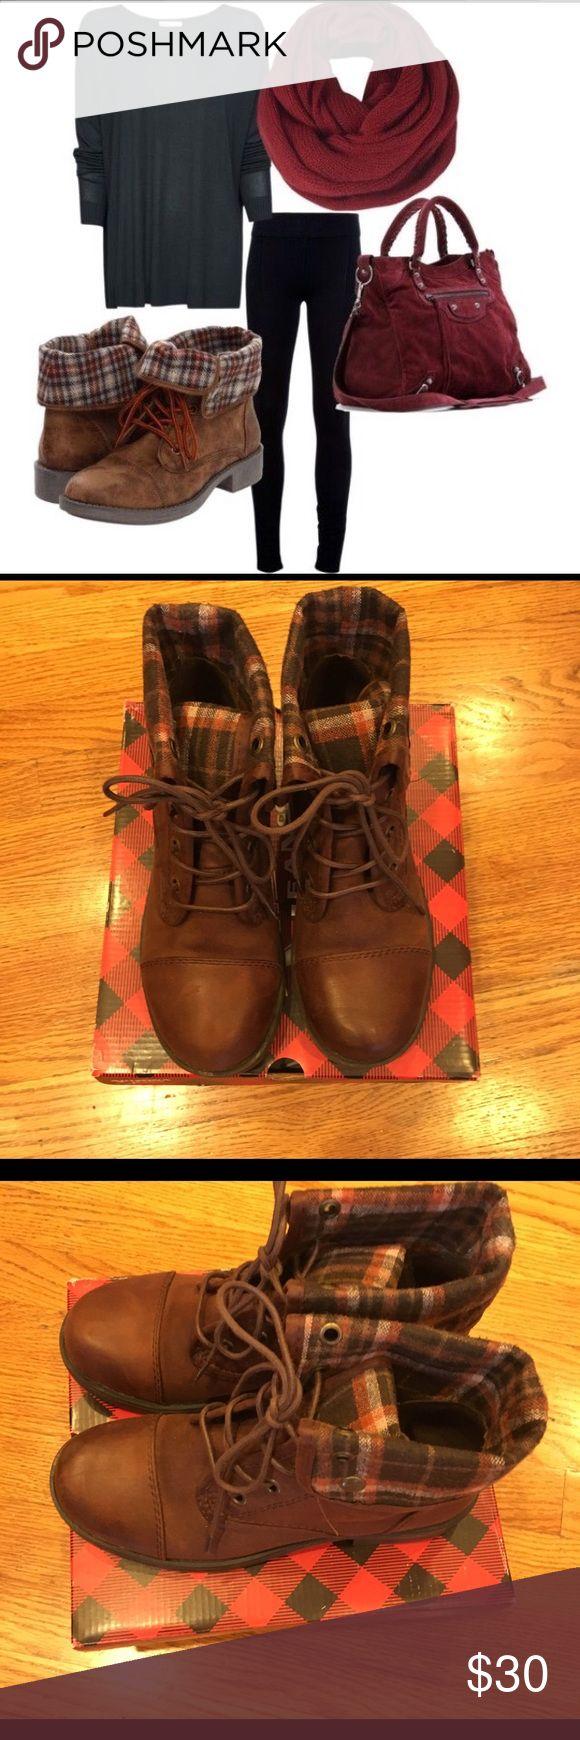 Arizona Yolanda brown combat boots Arizona Yolanda brown combat boots with plaid that folds down  7 1/2 new with box Arazona Shoes Combat & Moto Boots